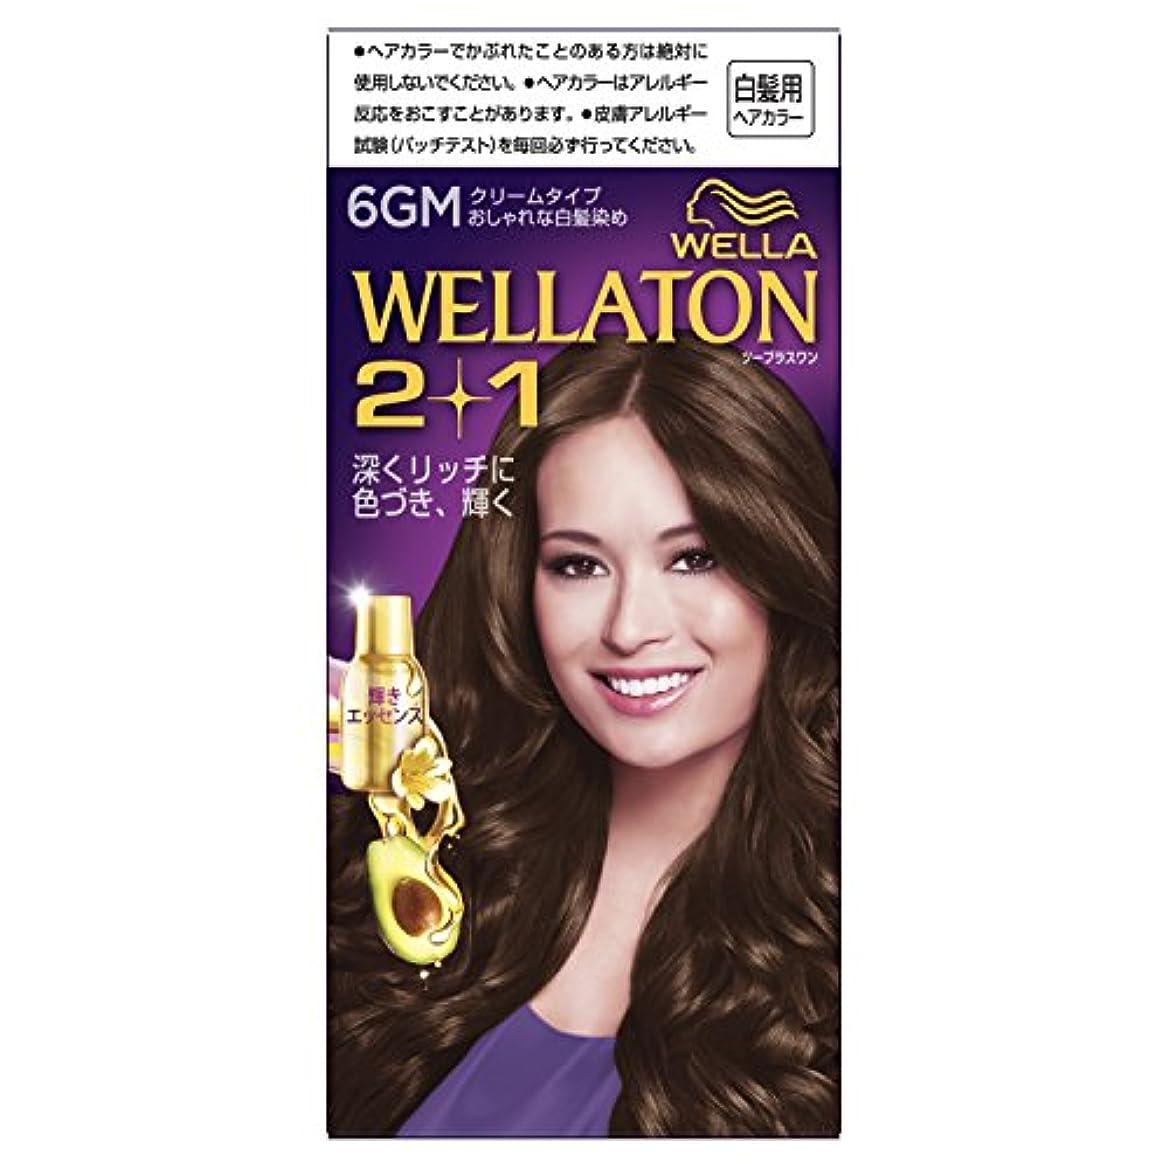 摘む脳好戦的なウエラトーン2+1 クリームタイプ 6GM [医薬部外品](おしゃれな白髪染め)